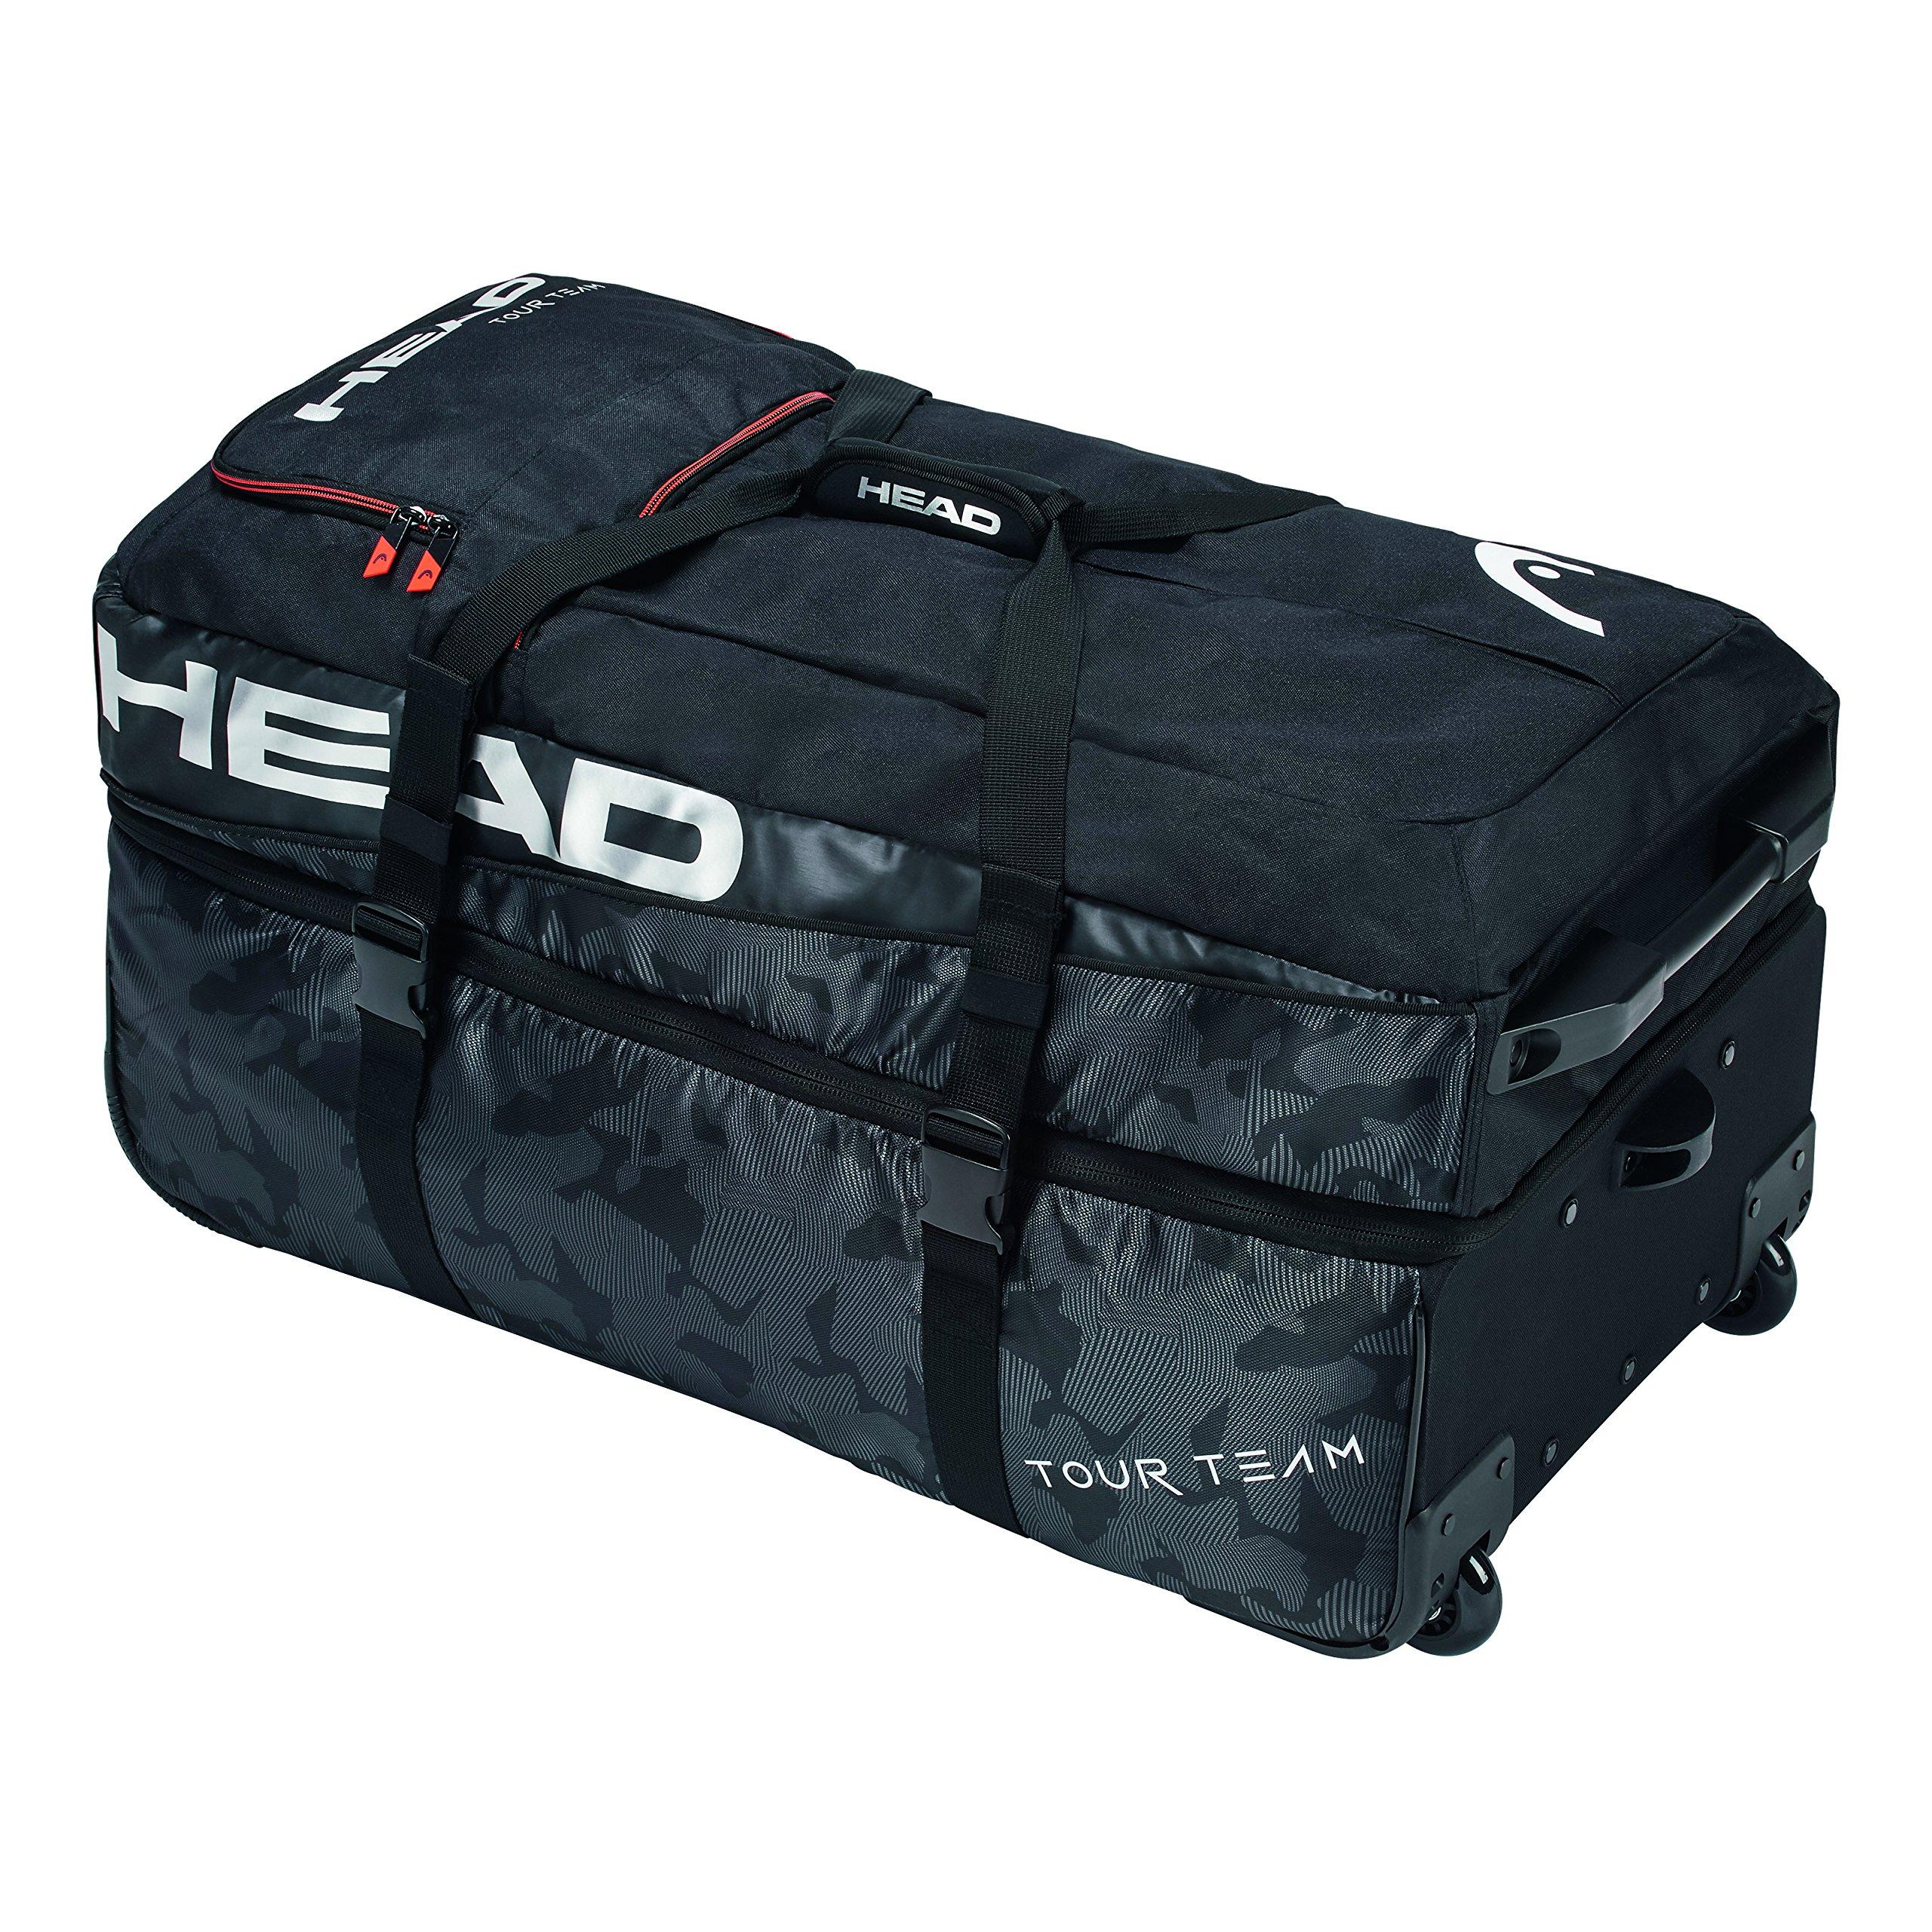 HEAD Tour Team Travel Tennis Bag Black